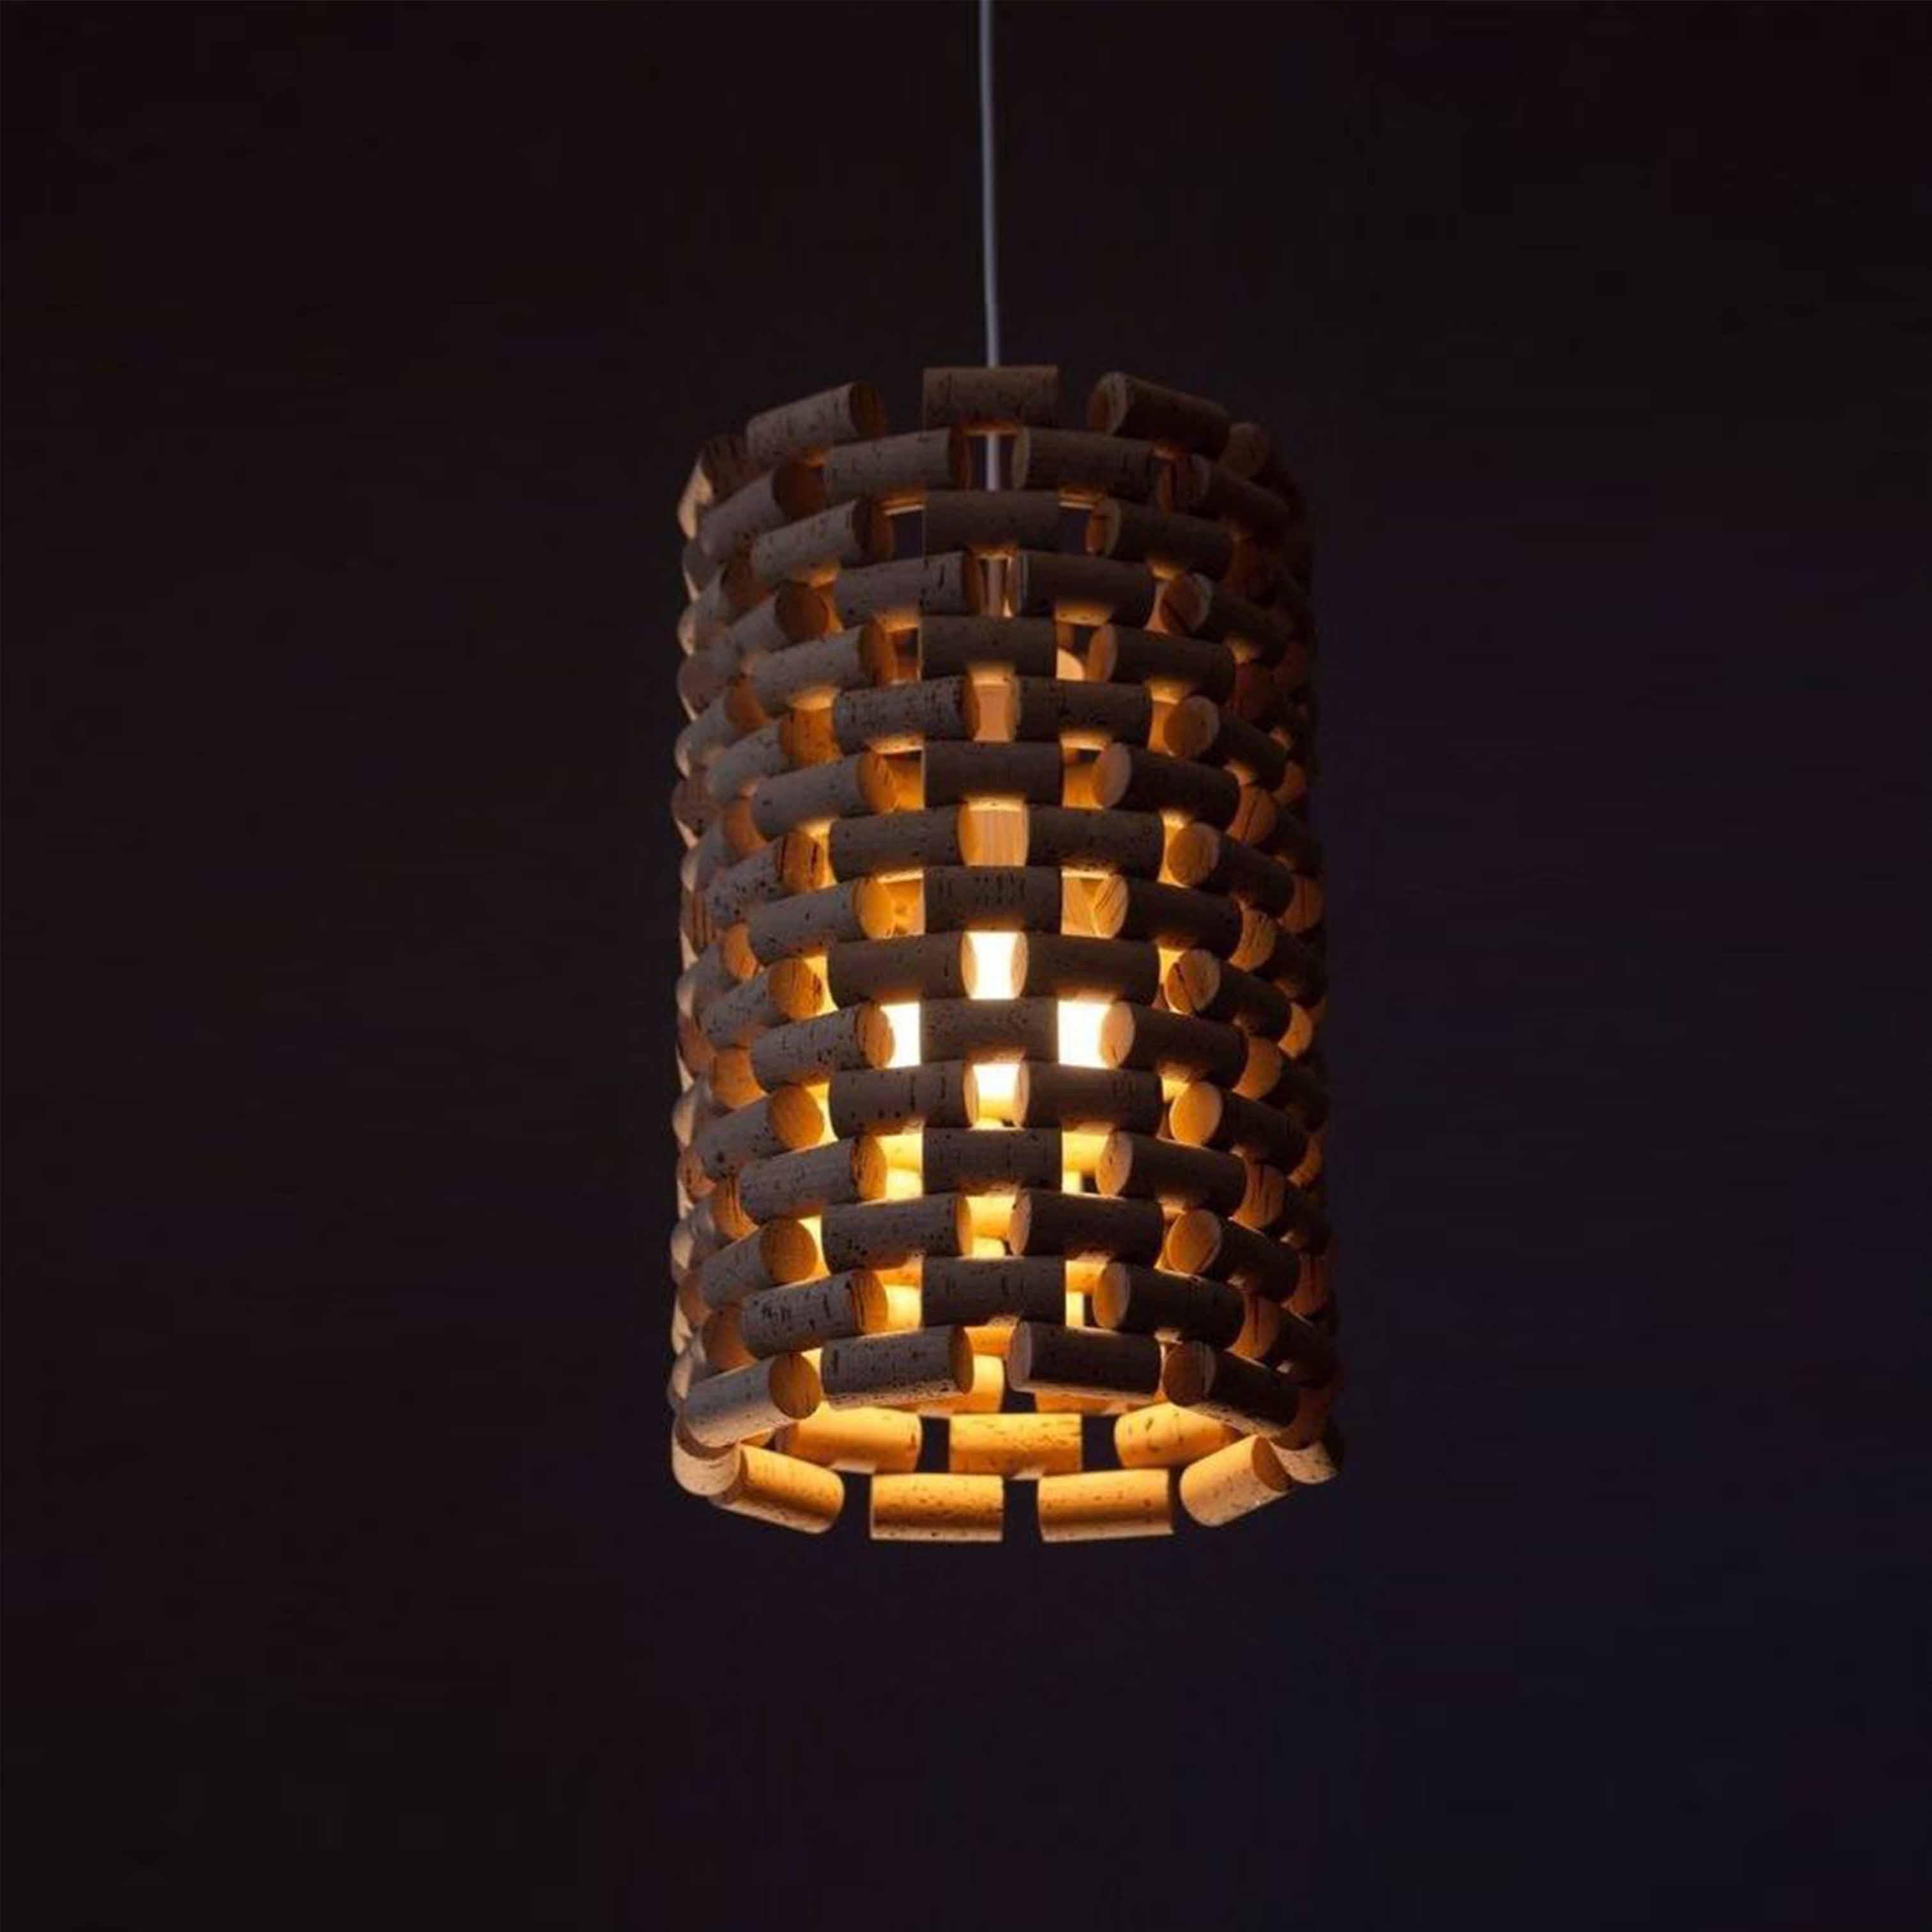 Đèn gỗ trang trí nghệ thuật - D48LHFU